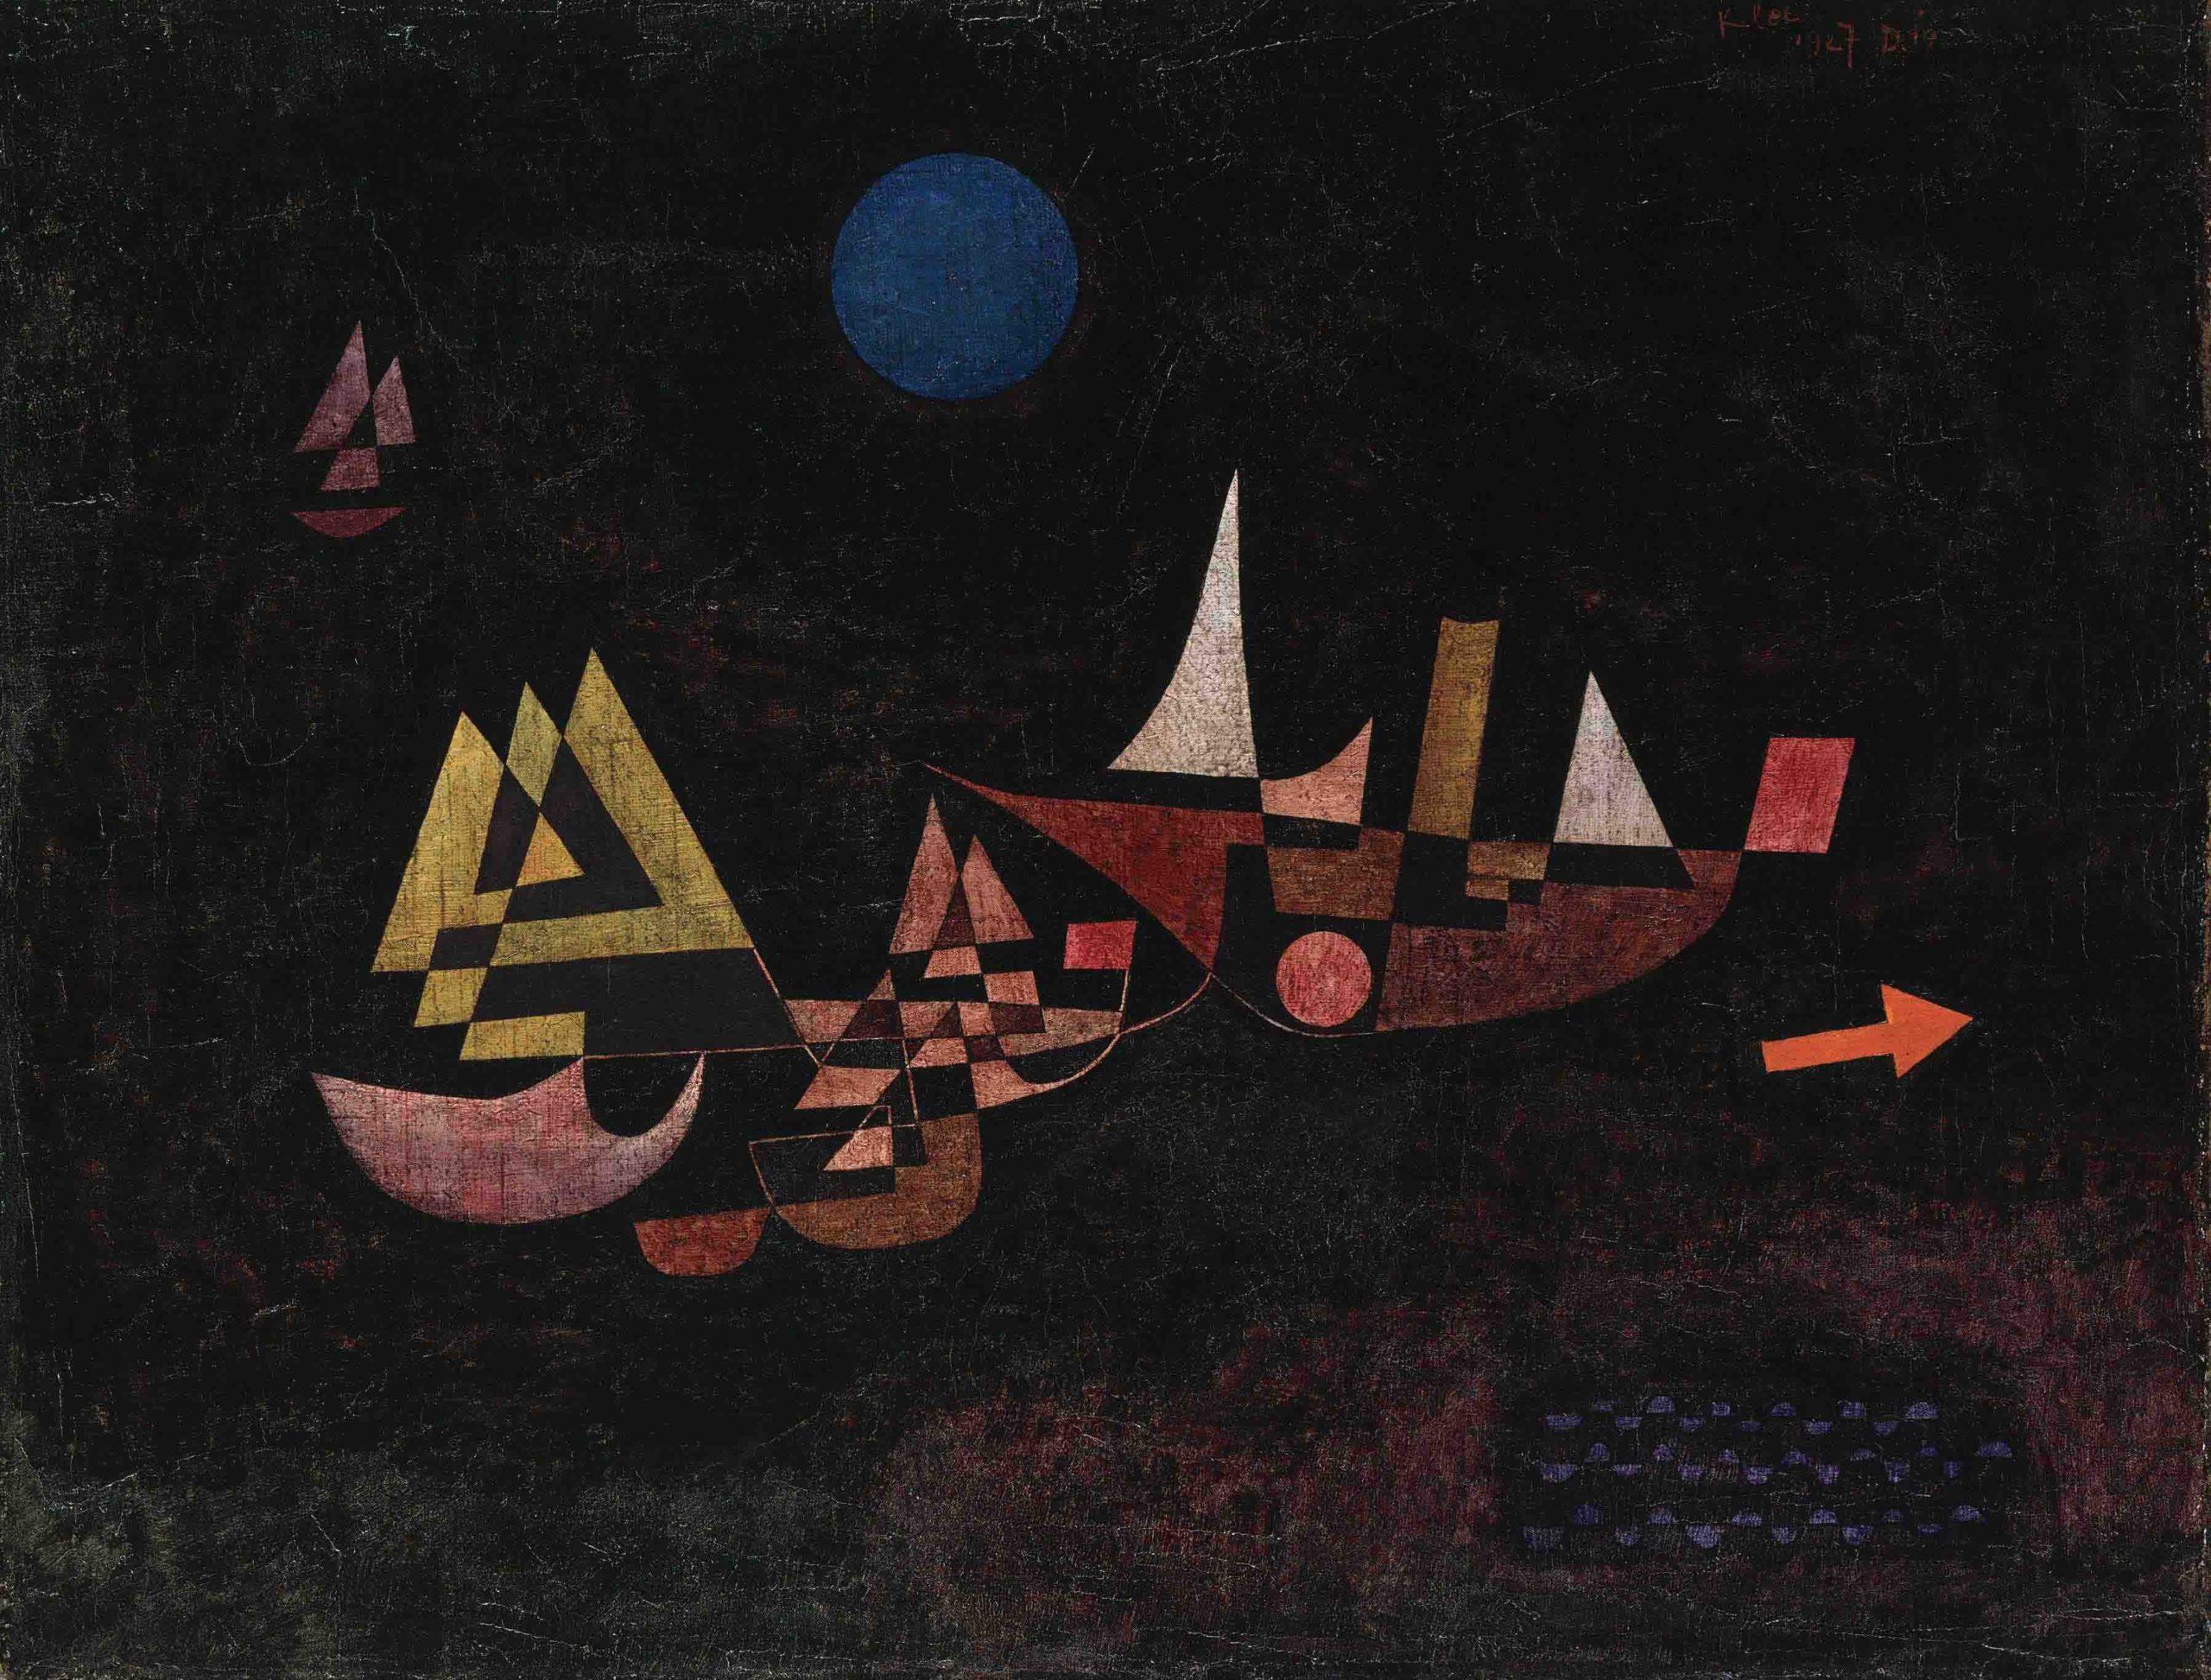 Paul Klee, Abfahrt der Schiffe, 1927.